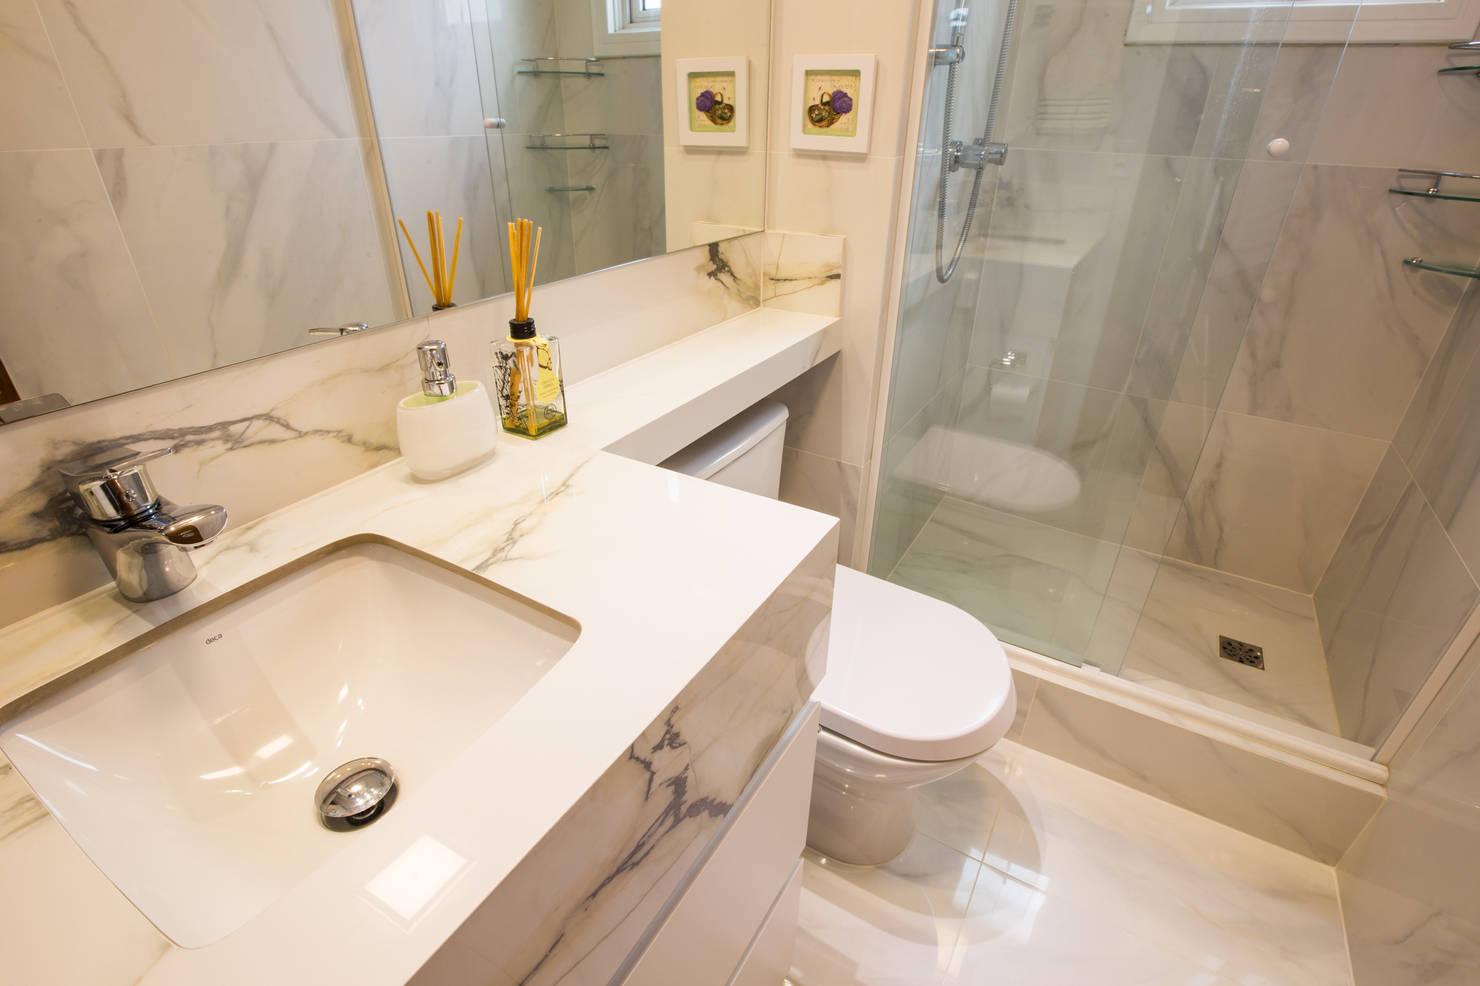 Conheça os diferentes modelos de cuba para banheiro e cozinha